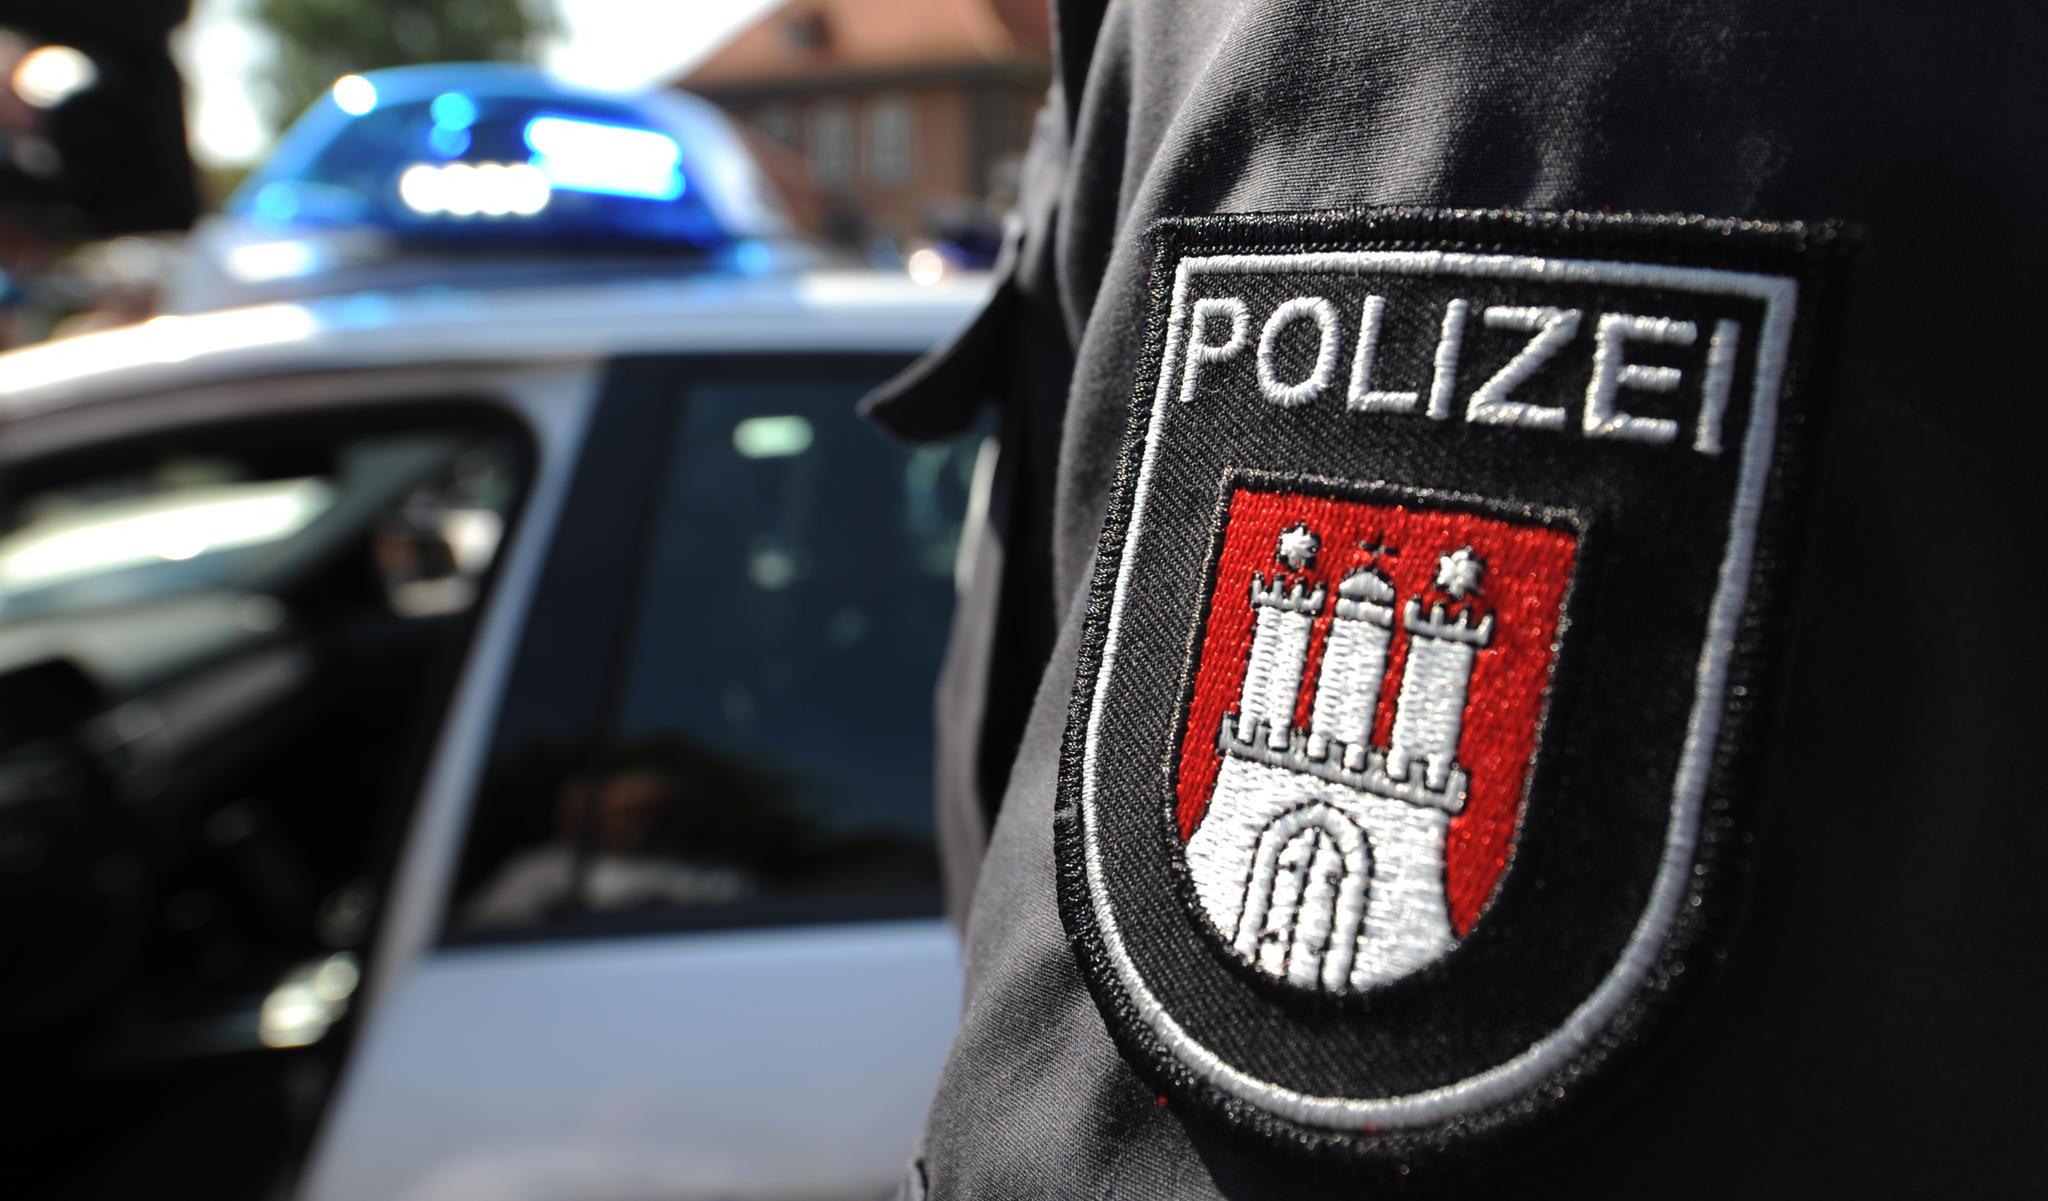 Polizei Hamburg Twitter Marathon Offenbart So Einige Skurrile